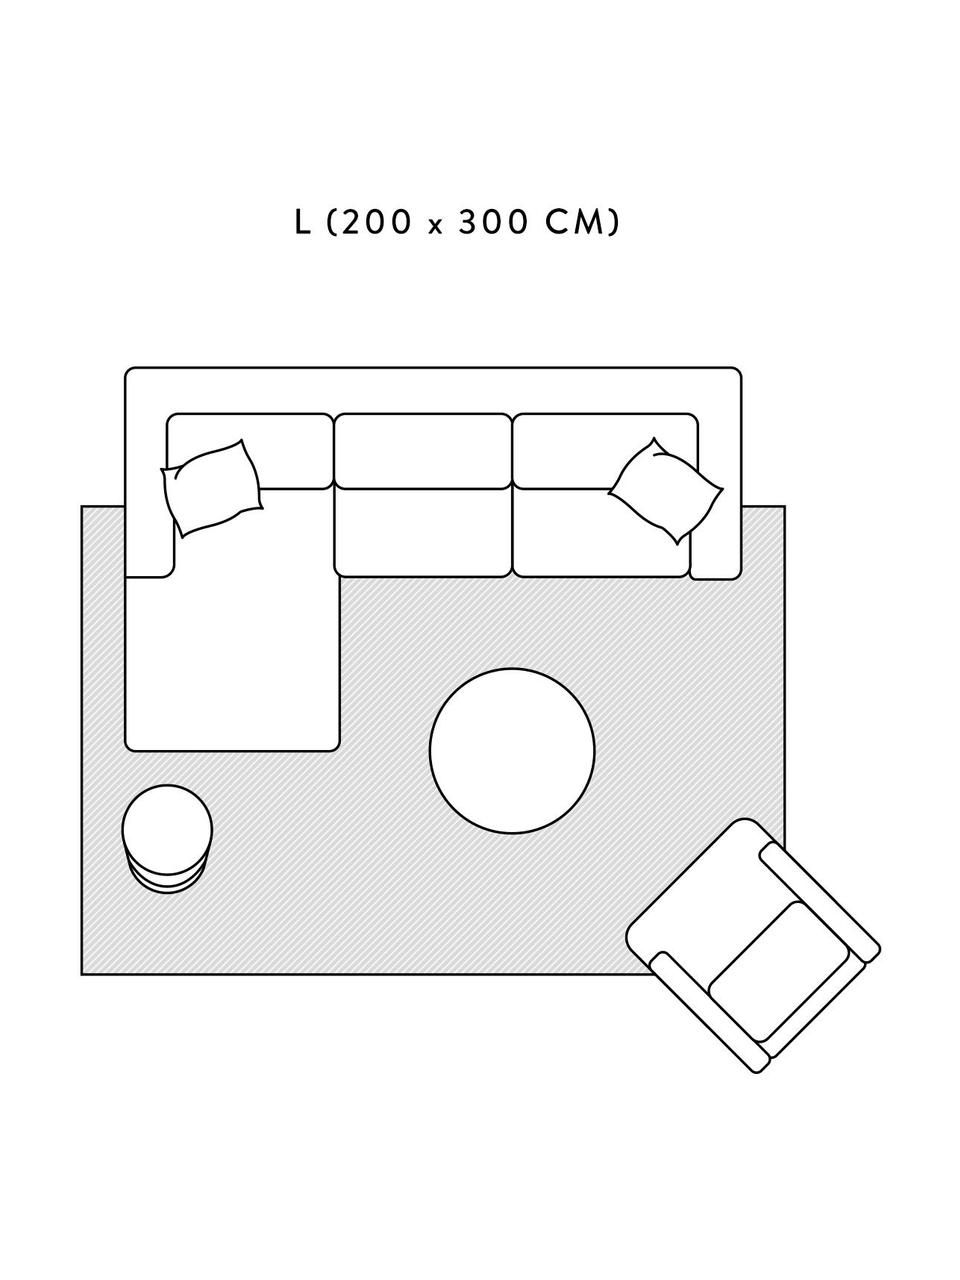 Flauschiger Hochflorteppich Rubbie mit Regenbogenmuster in Hoch-Tief-Struktur, Flor: 100% Polyester (Mikrofase, Beige, B 200 x L 300 cm (Größe L)